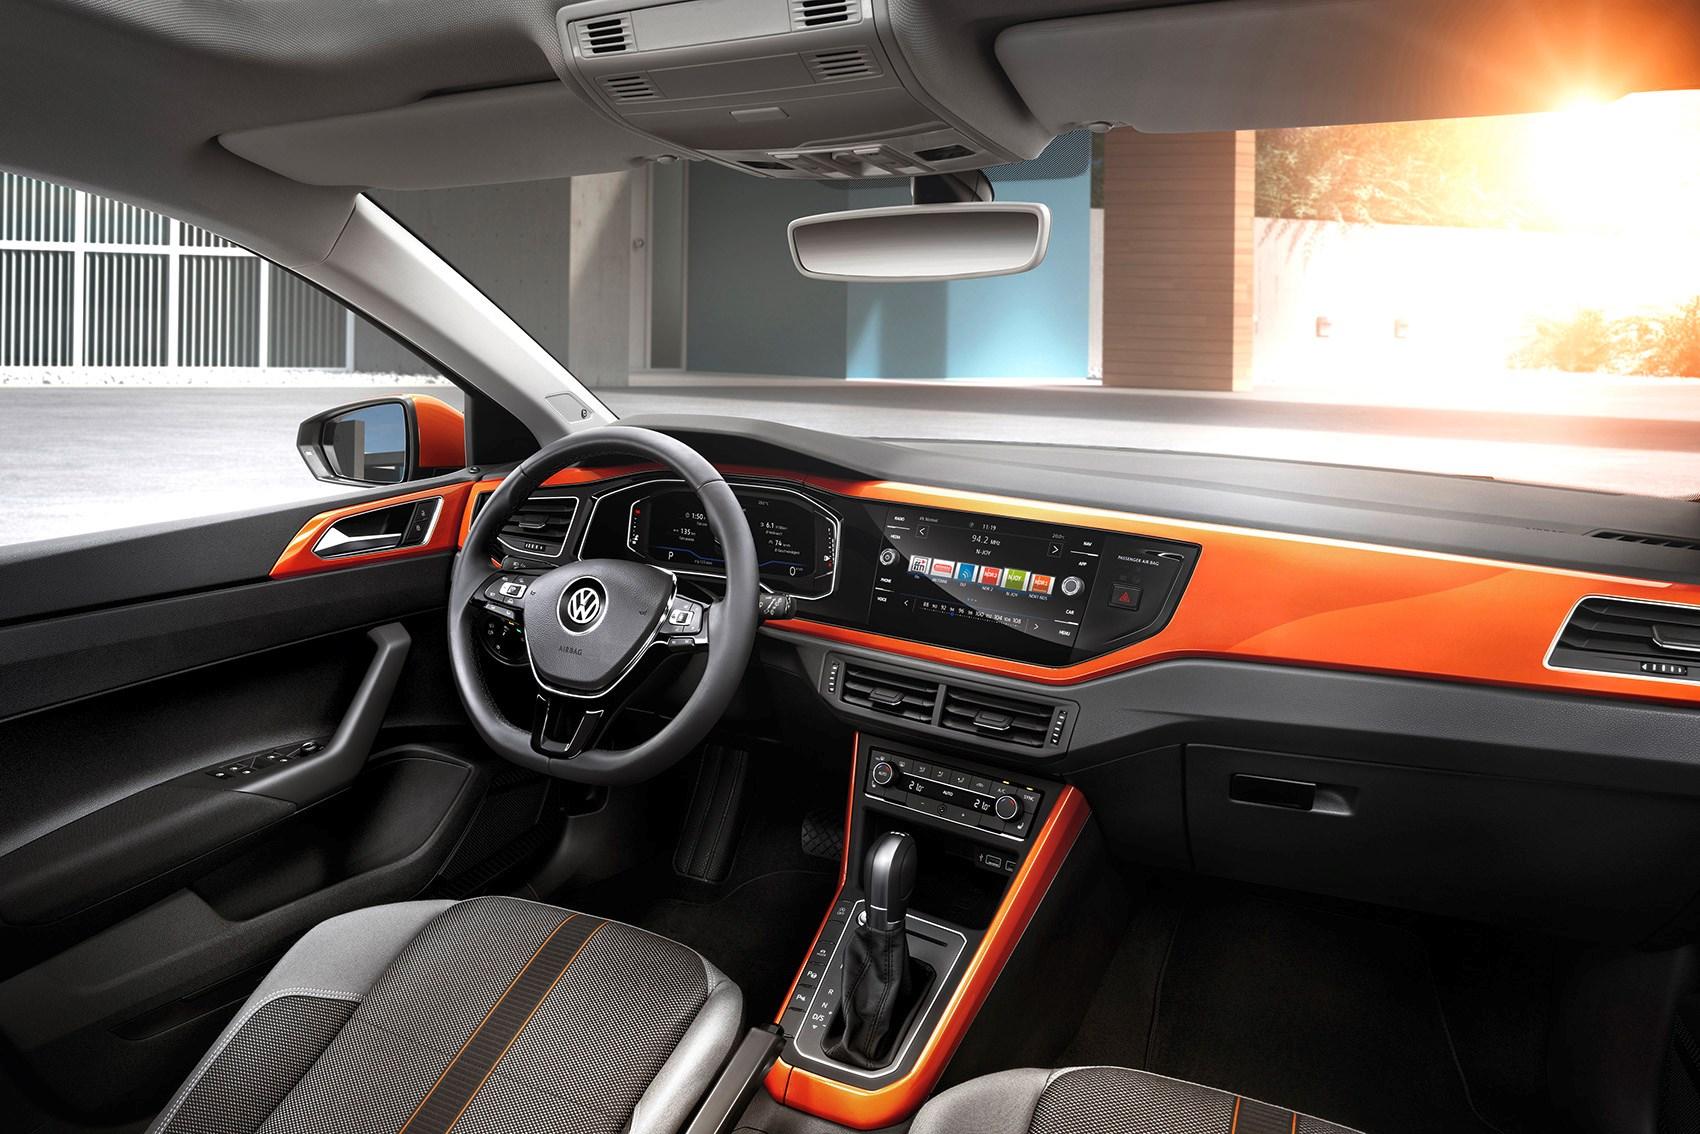 New VW Polo interior